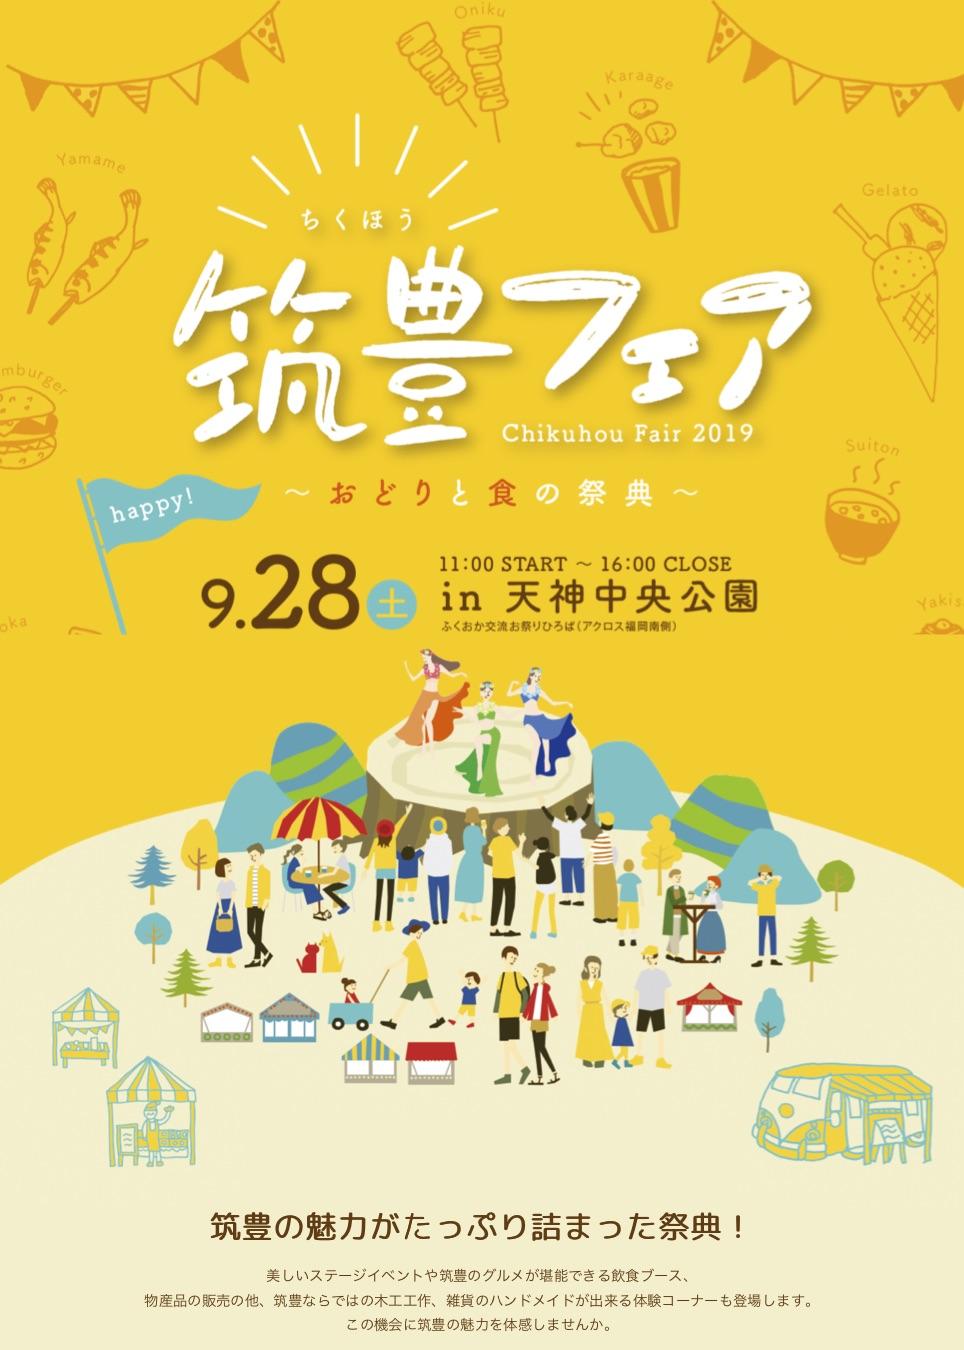 筑豊フェア2019 おどりと食の祭典 ステージイベント、グルメ、物産品の販売、木工工作、雑貨のハンドメイド体験コーナーもあります。福岡市天神中央公園